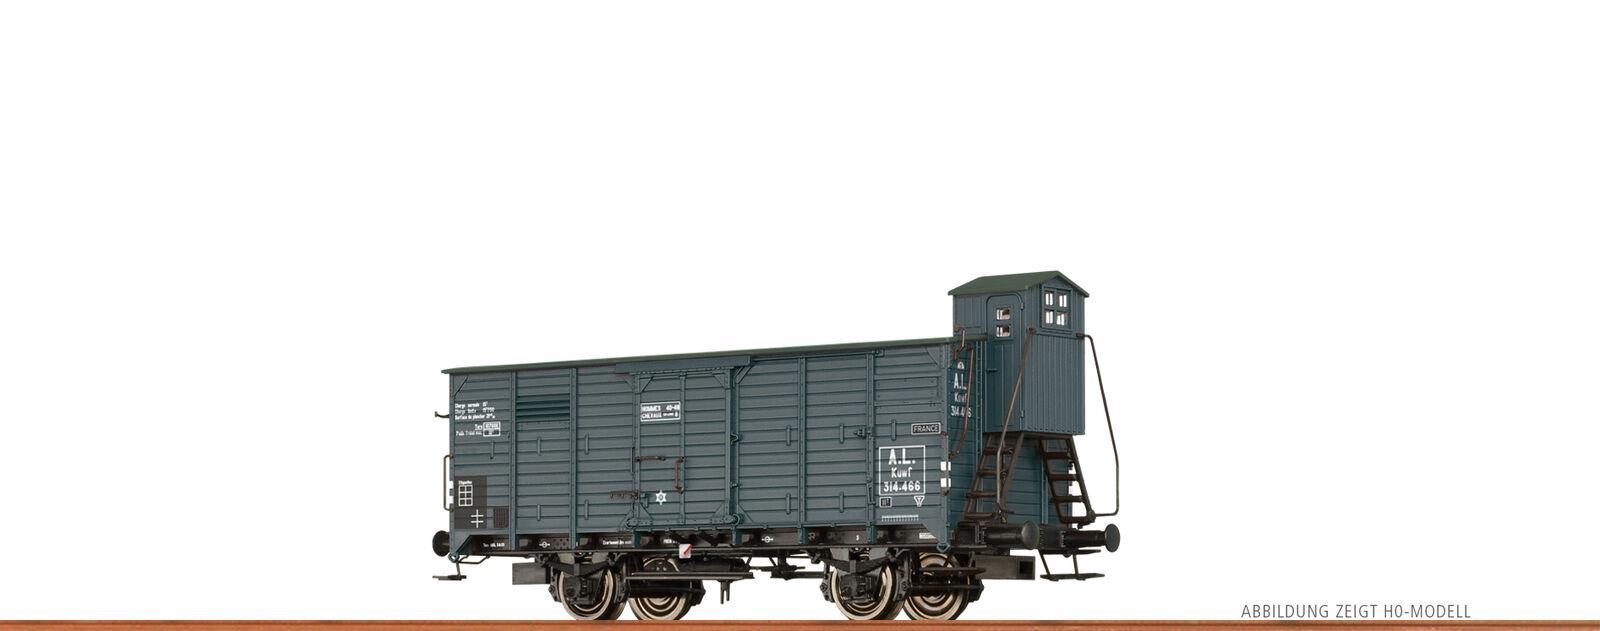 Brawa 67464 Escala N Vagón de Mercancía Kuwf Al con Hbr II